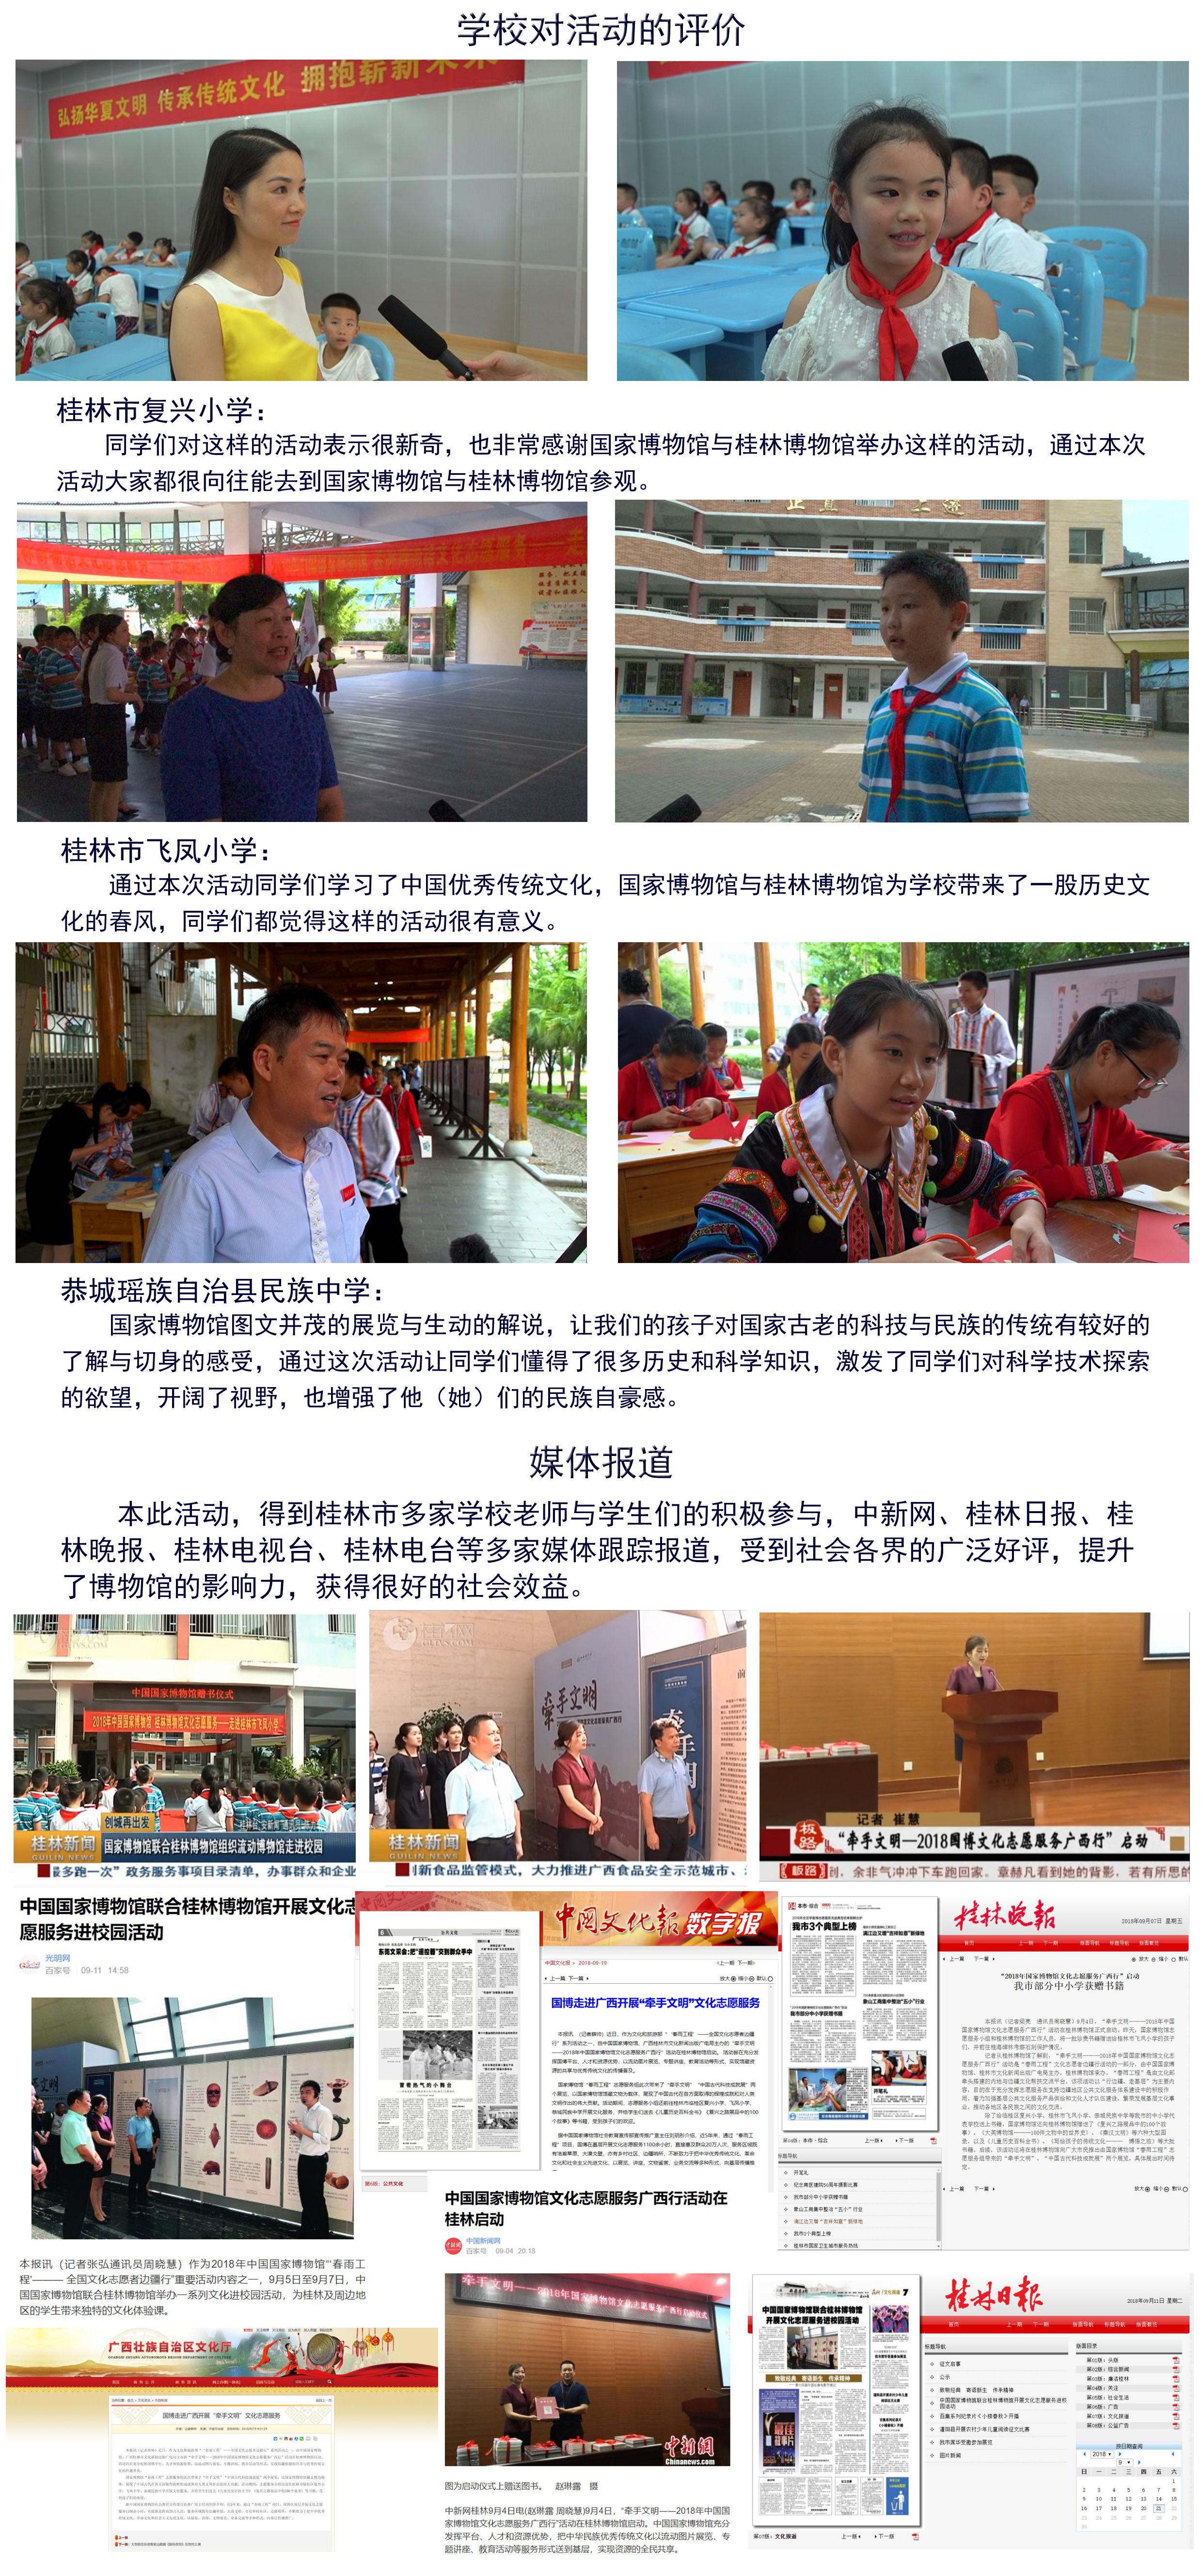 3.学校评价、媒体报道_看图王.jpg